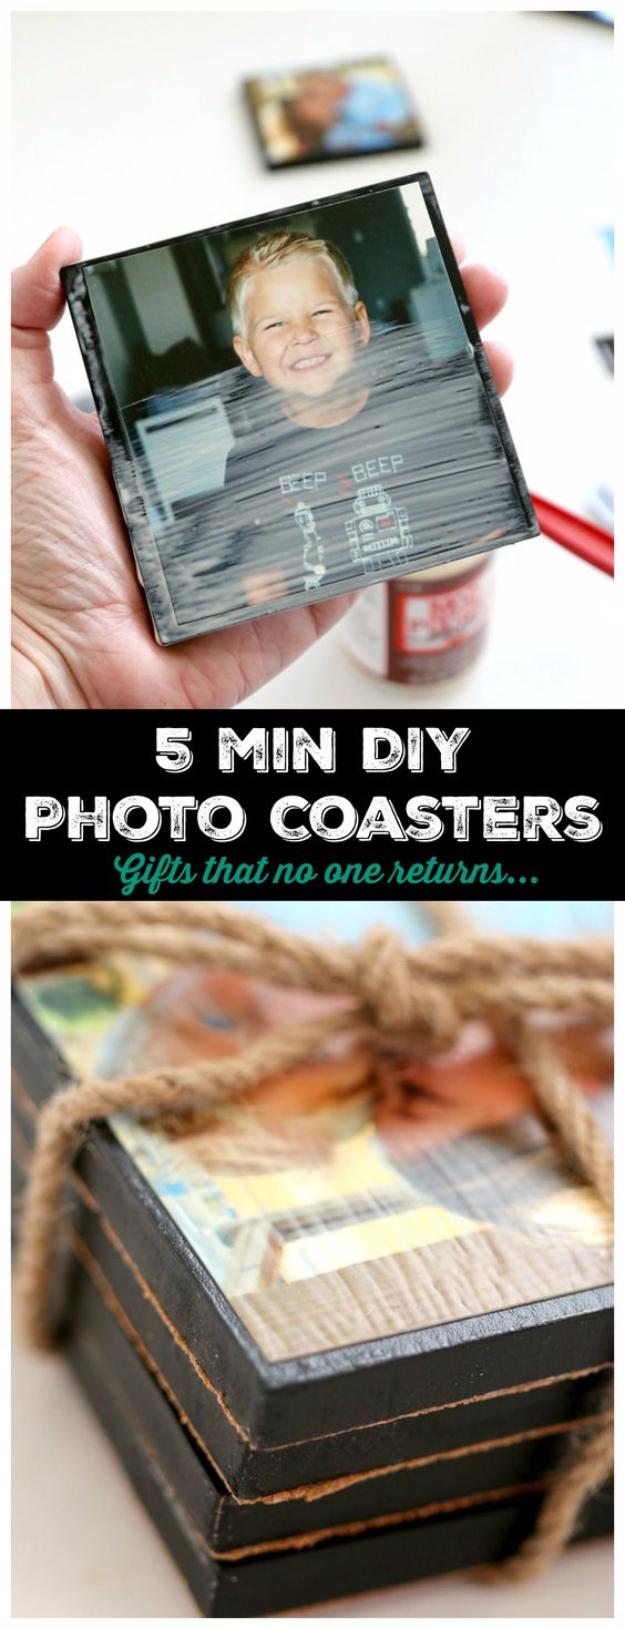 Készíts 5 perc alatt poháralátétet képekből